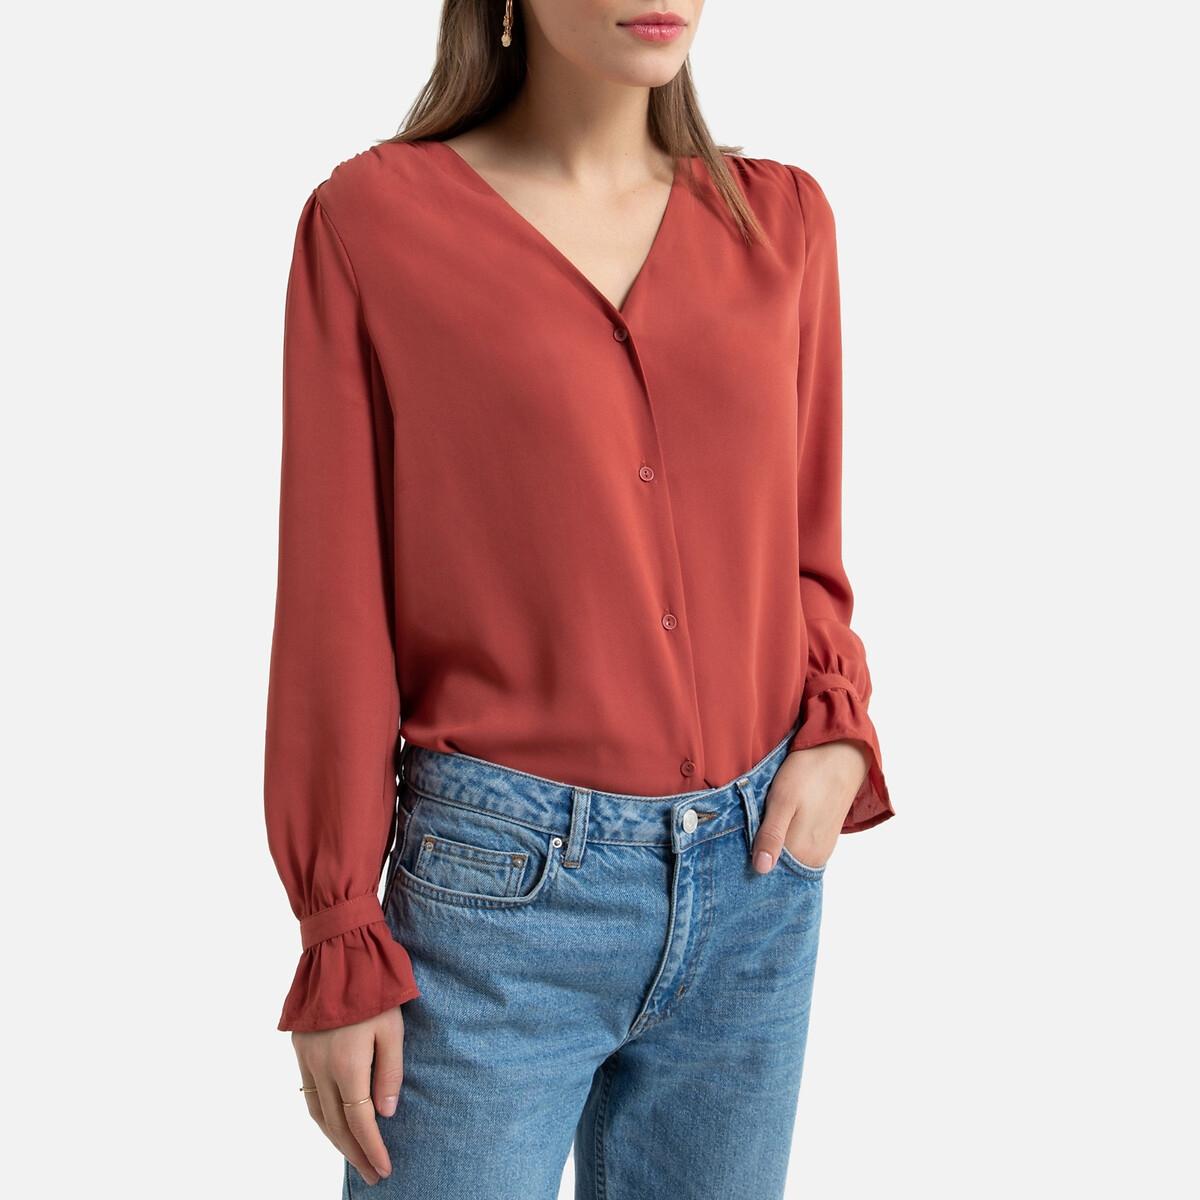 Blusa de decote em V, mangas compridas